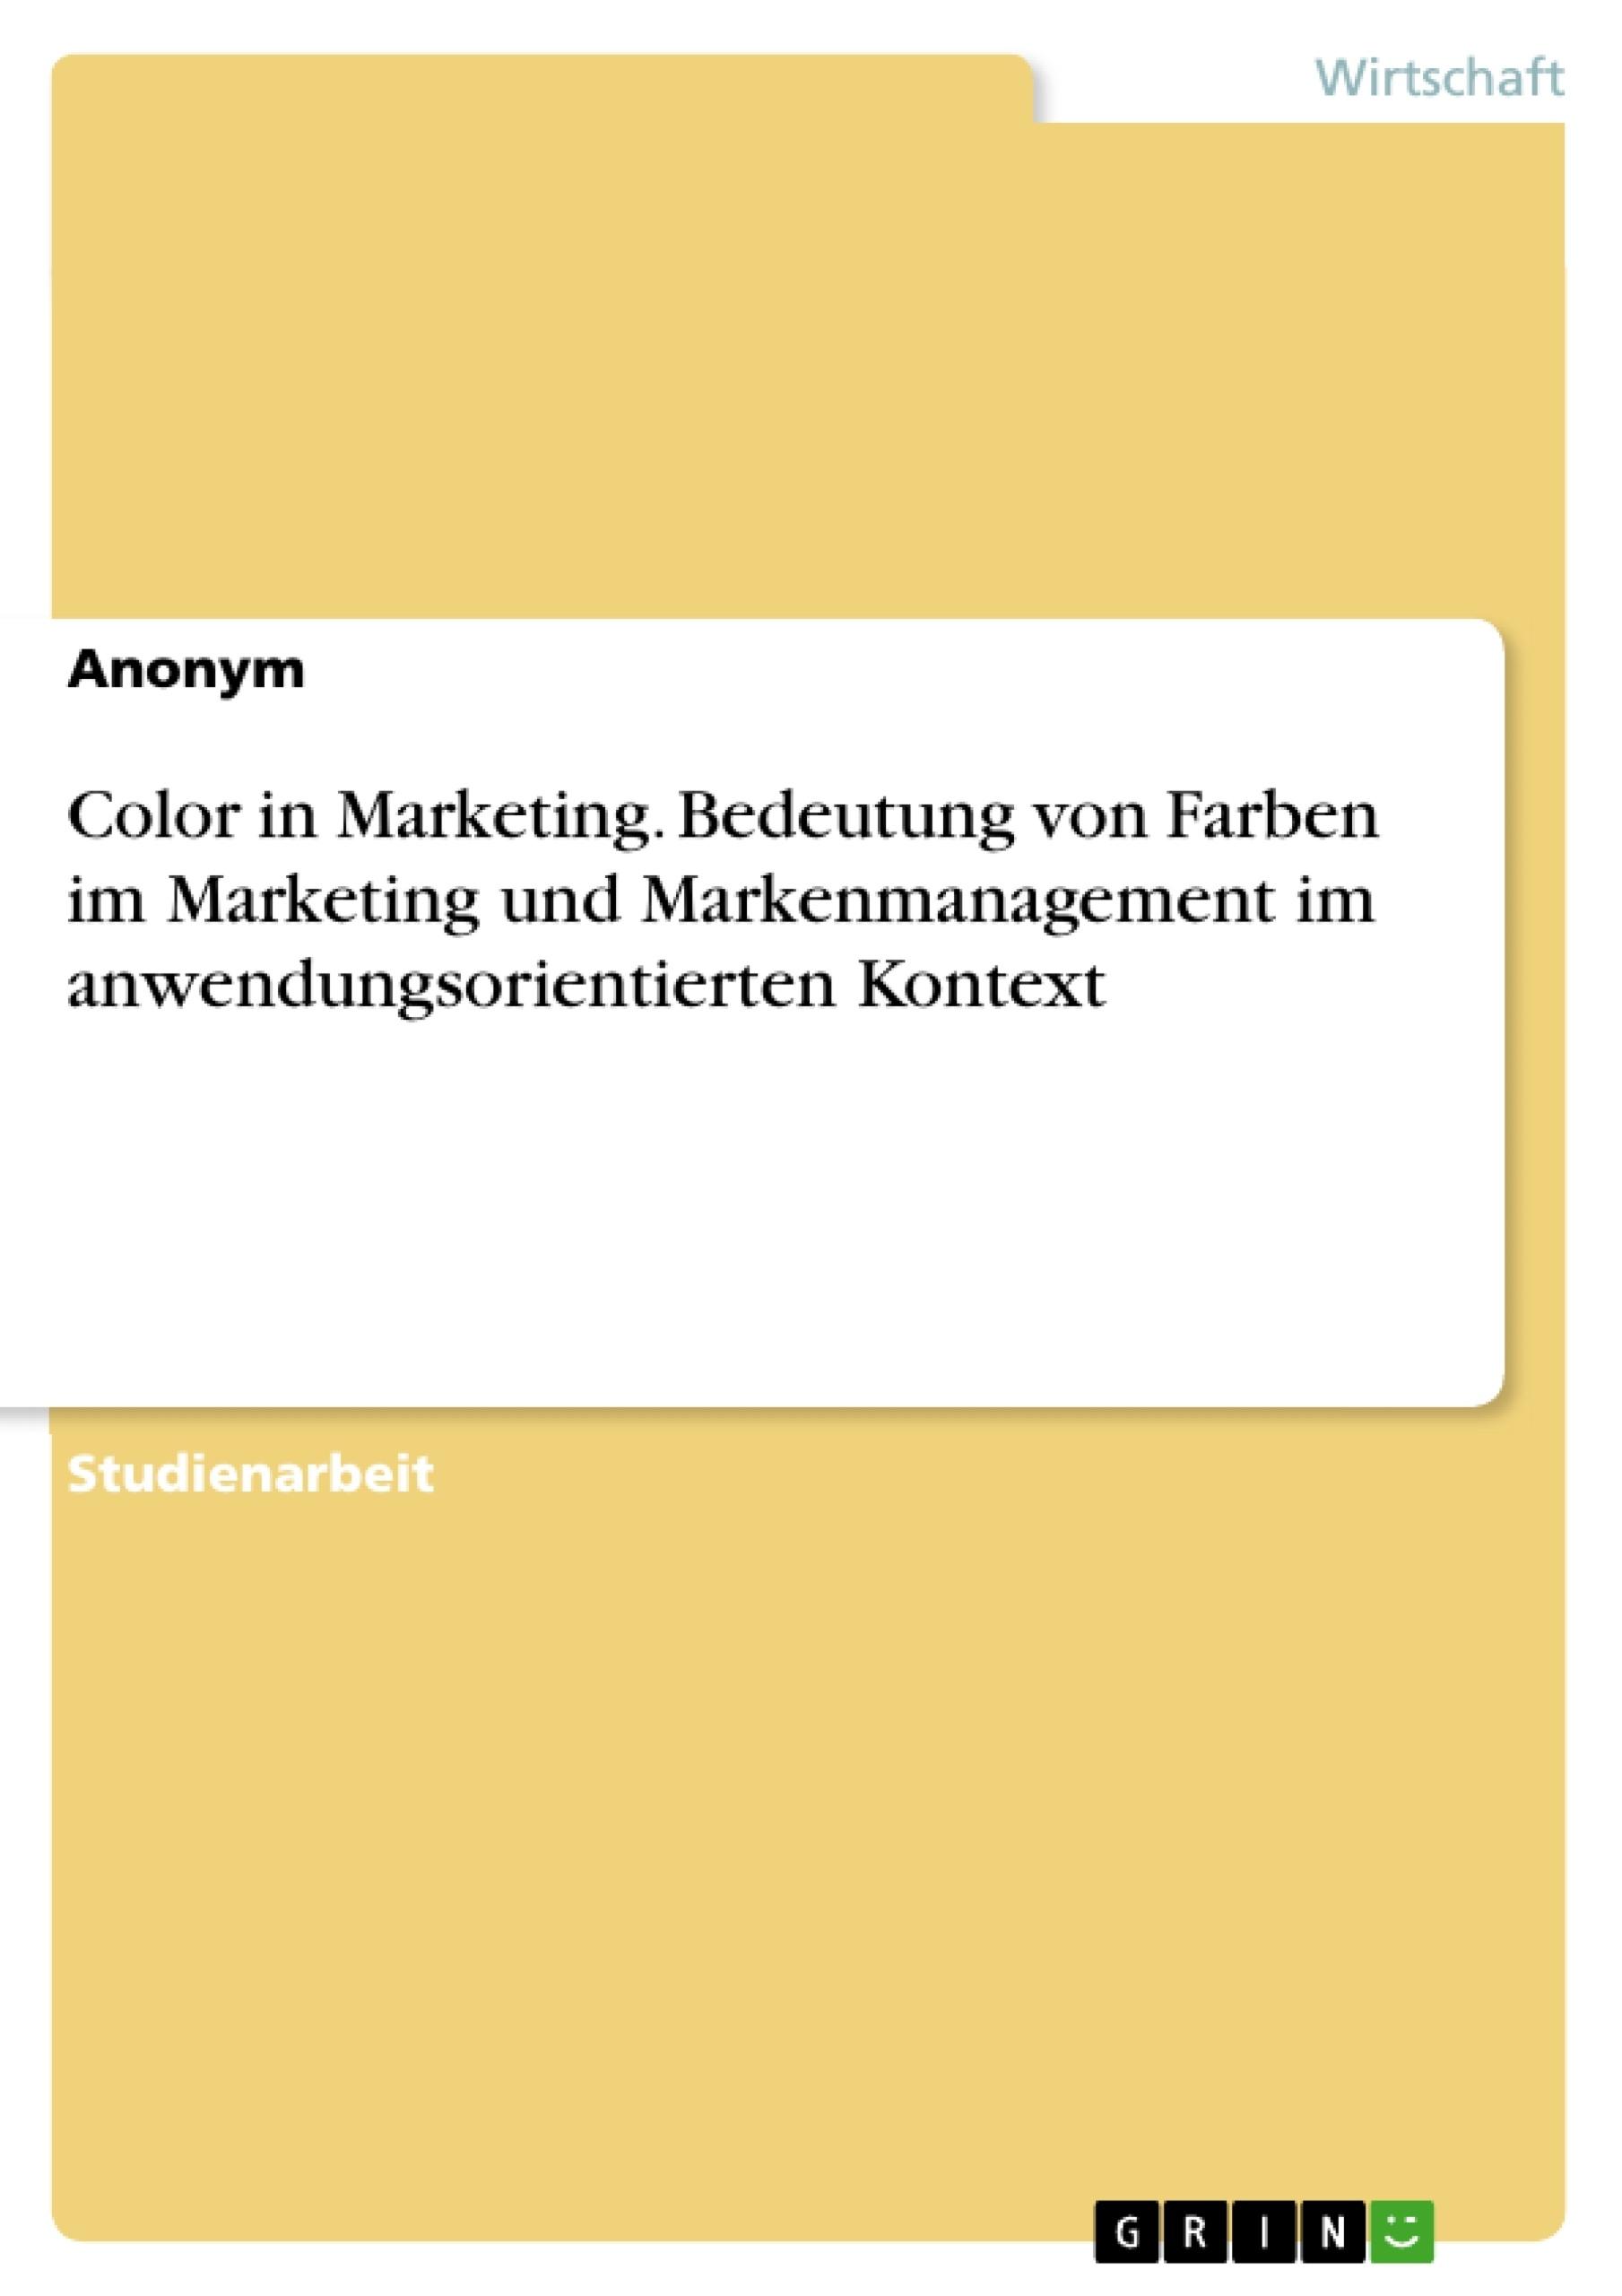 Titel: Color in Marketing. Bedeutung von Farben im Marketing und Markenmanagement im anwendungsorientierten Kontext